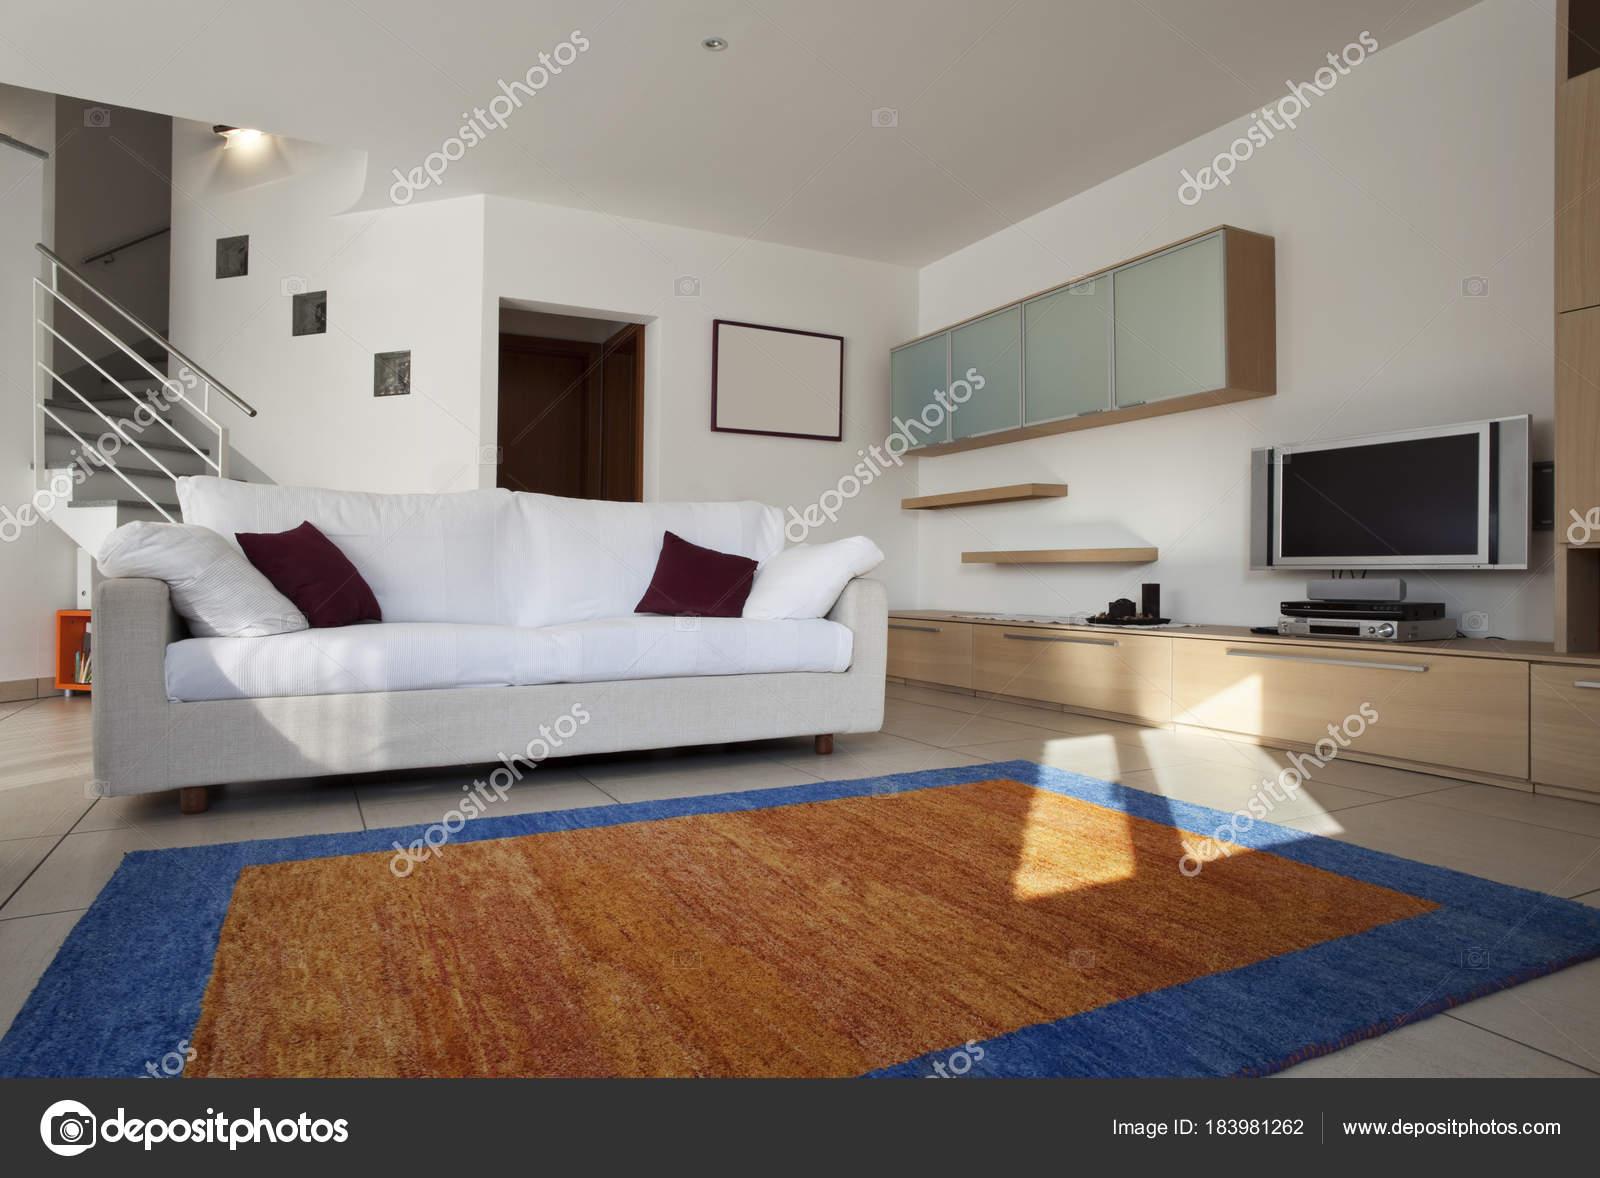 Tappeti Soggiorno Moderno : Soggiorno interno moderno e arredato con divano e tappeto u foto